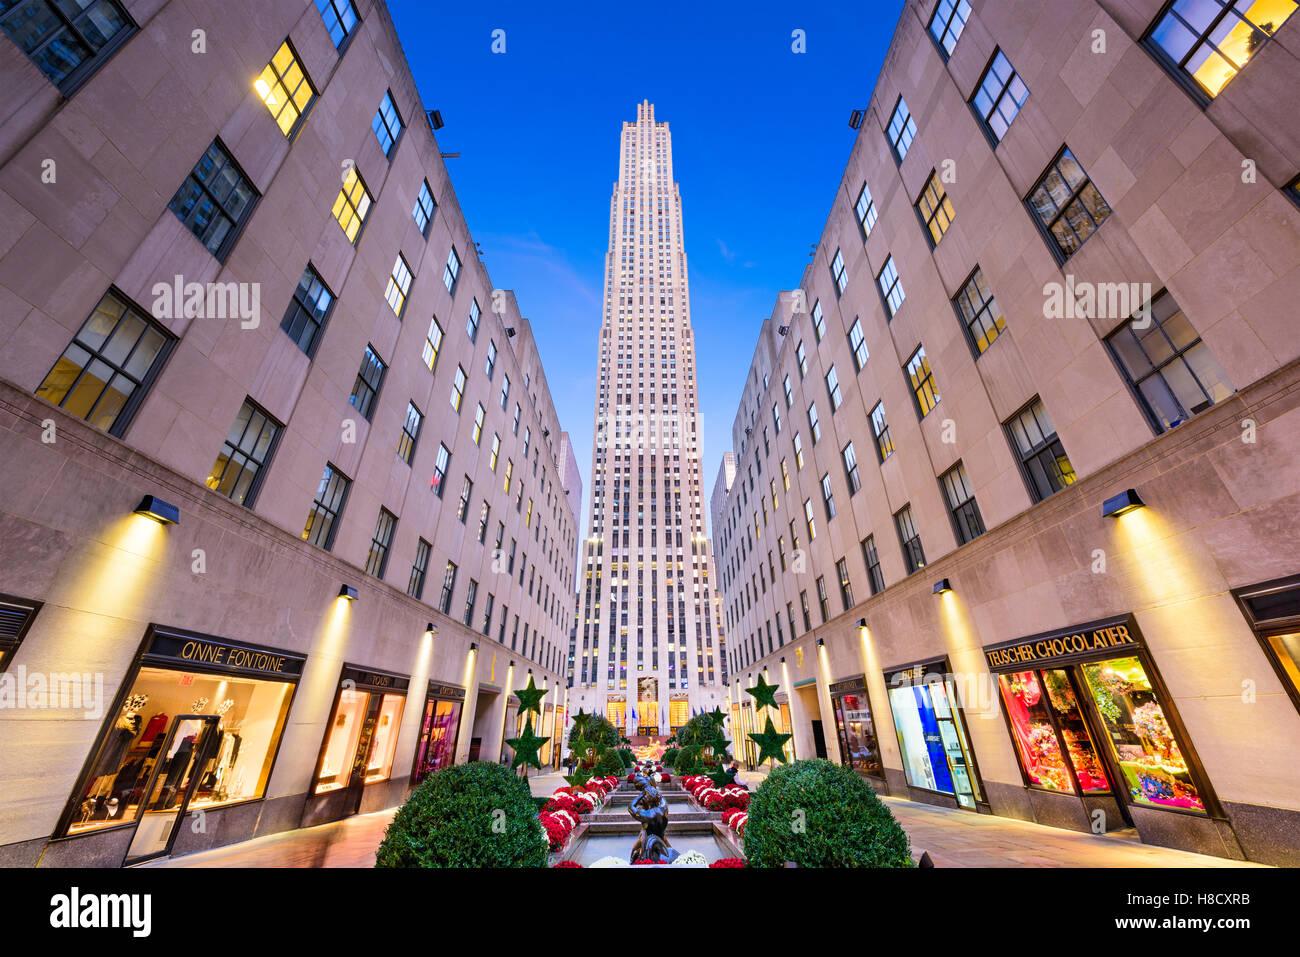 La CIUDAD DE NUEVA YORK - Noviembre 2, 2016: el Rockefeller Center de Nueva York. El hito histórico se completó Imagen De Stock